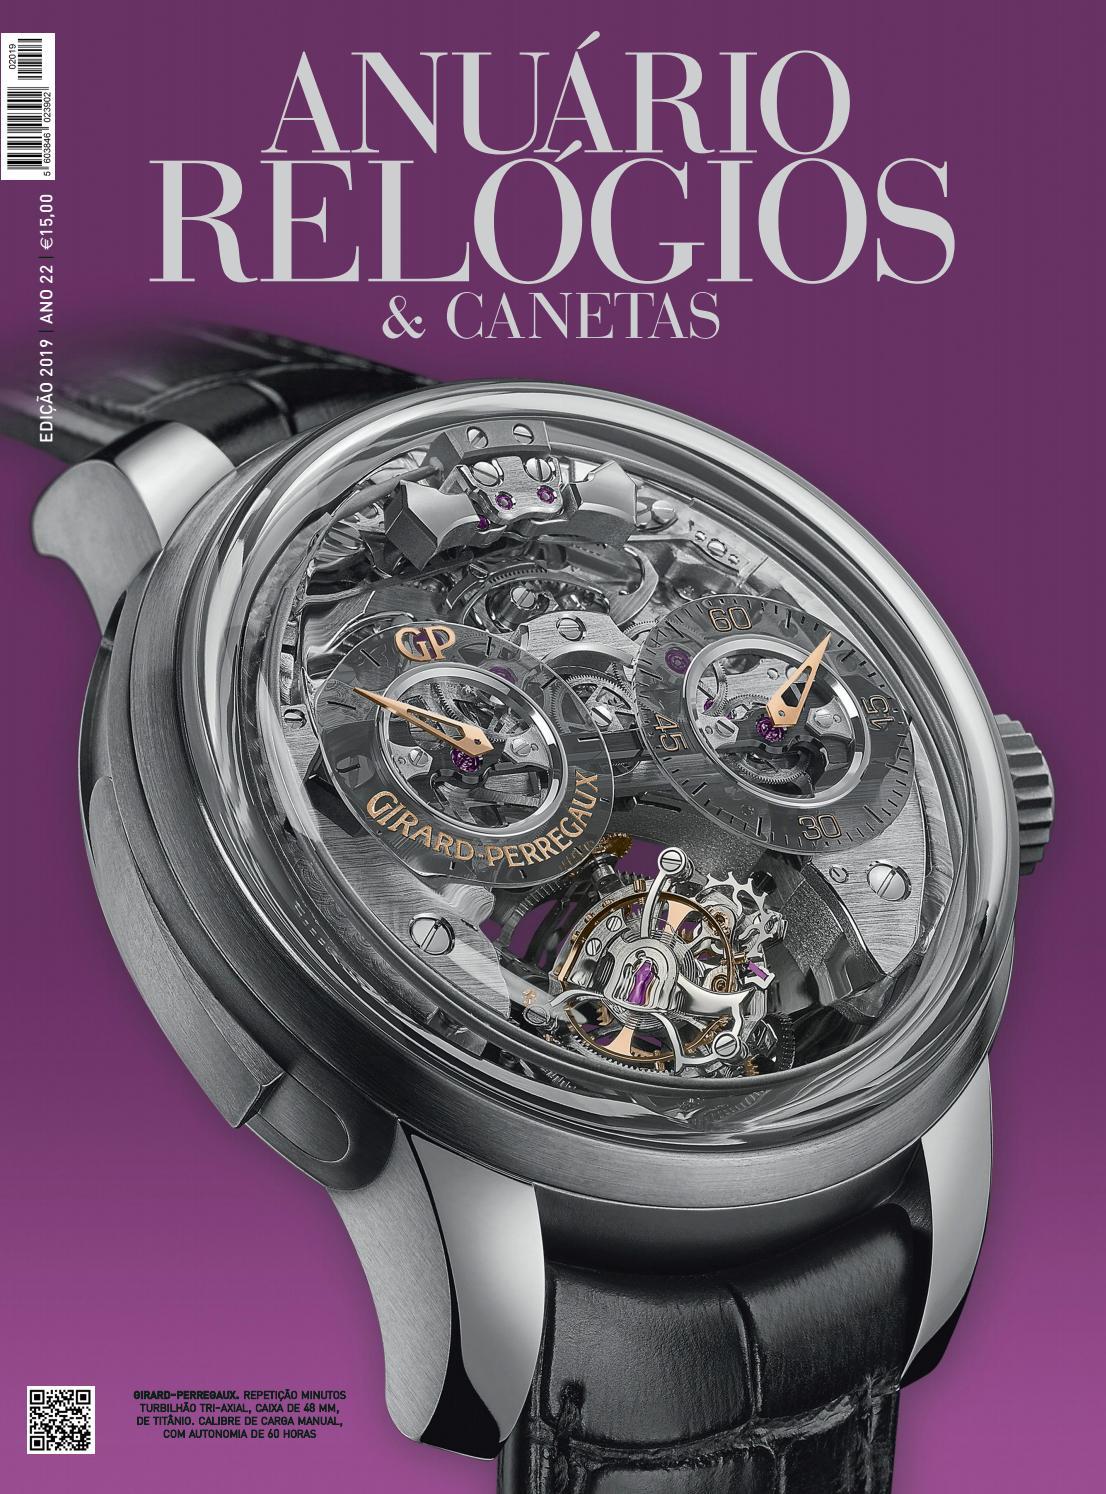 c5873199875 Anuário Relógios   Canetas - 2019 (versão digital da revista em papel) by  Anuário Relógios   Canetas - issuu